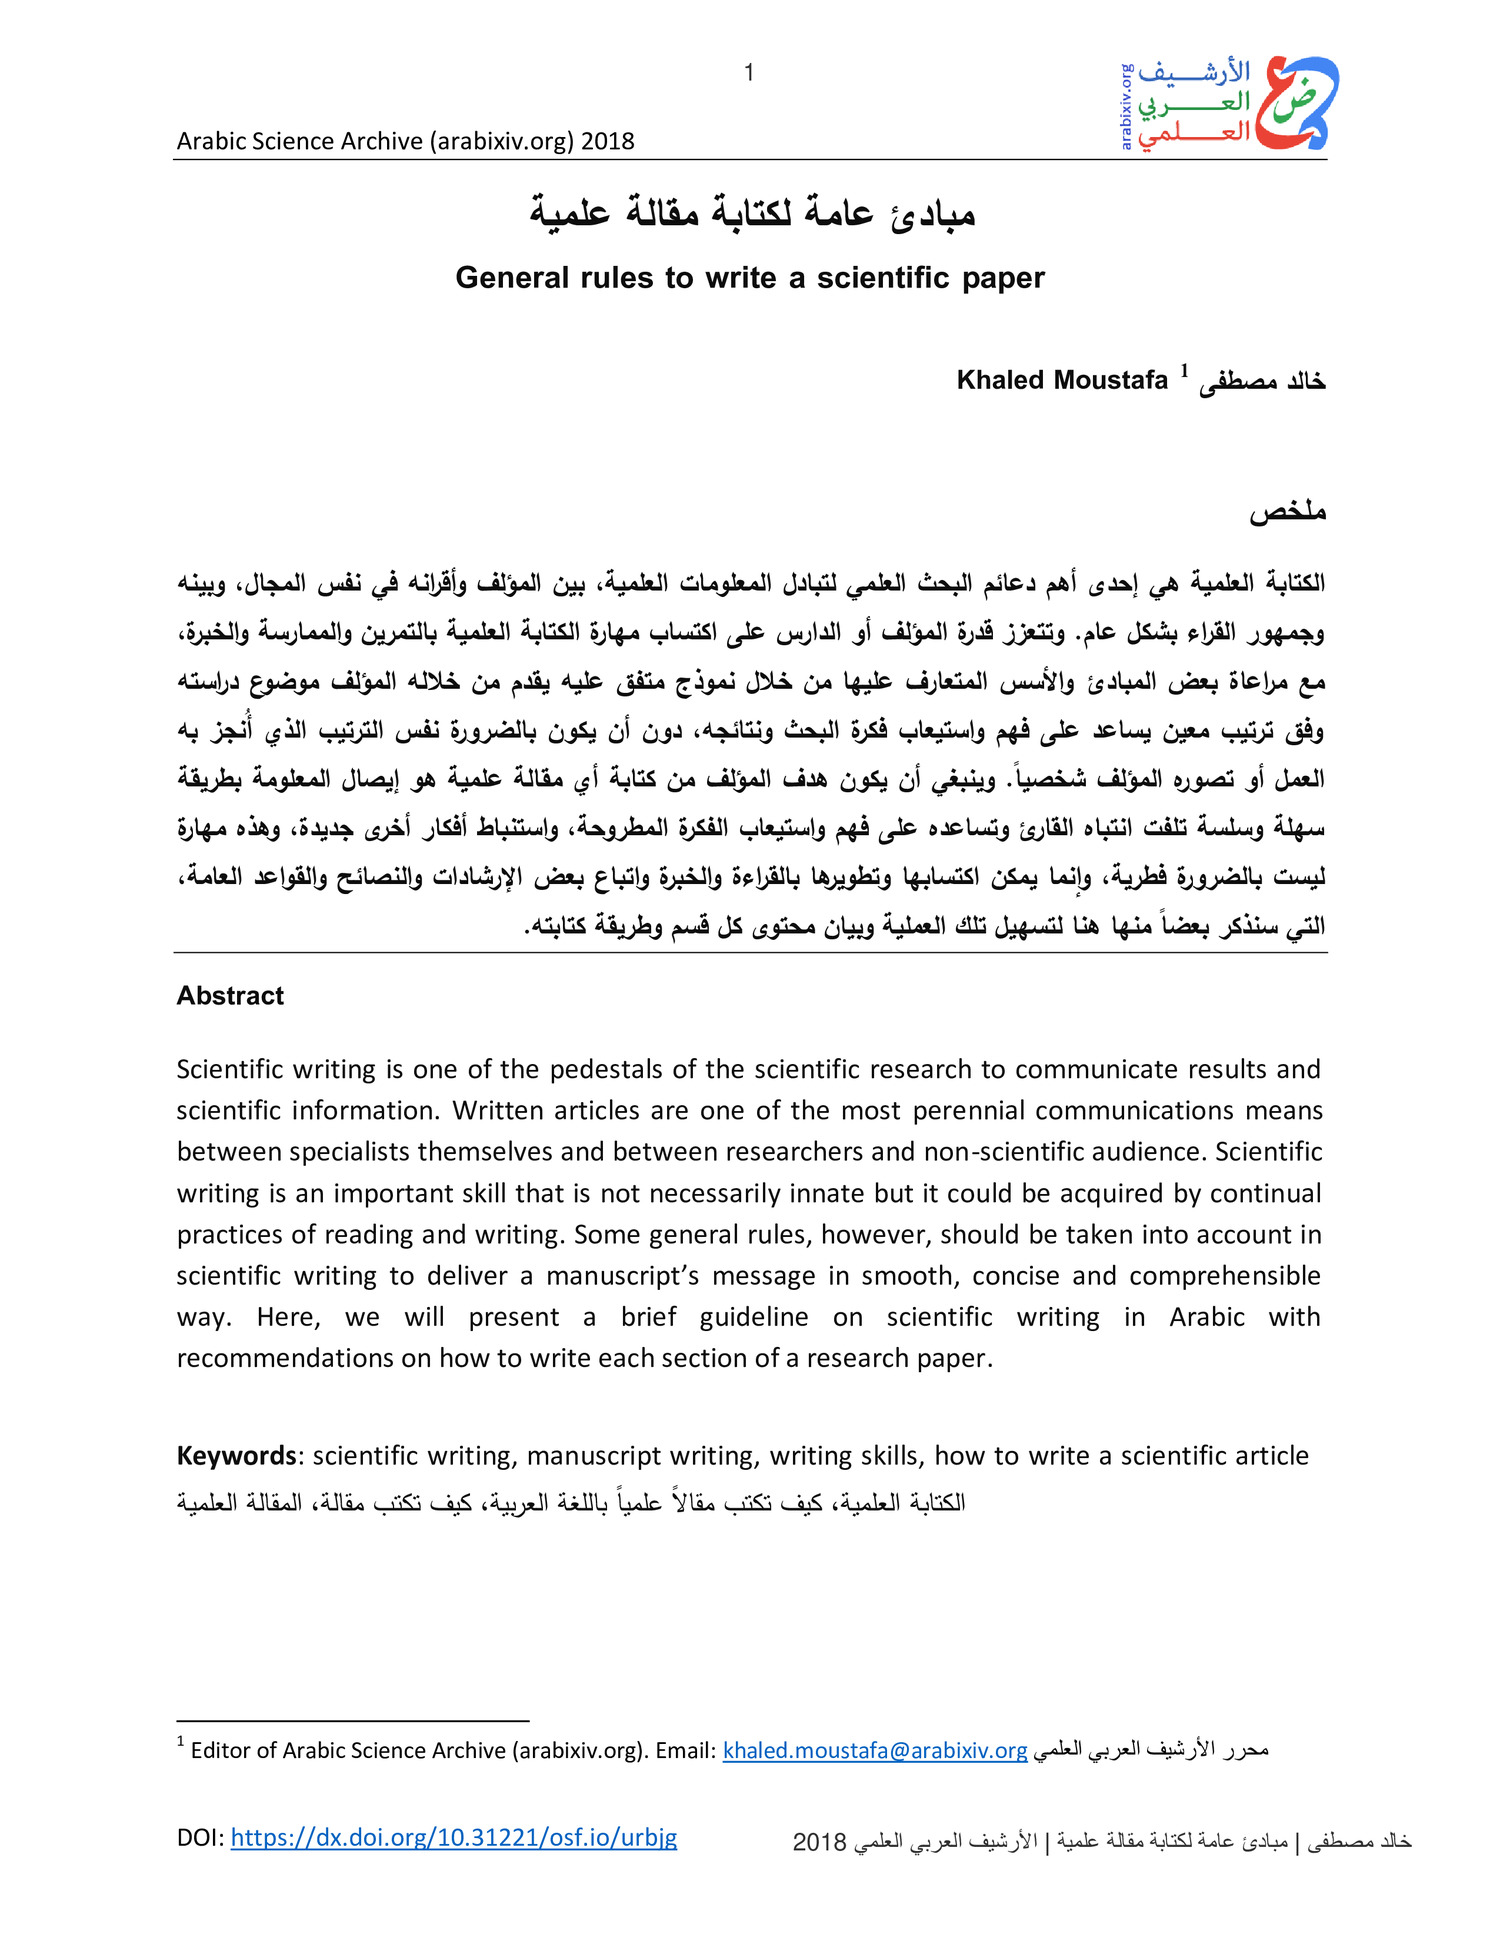 نموذج مقالة علمية